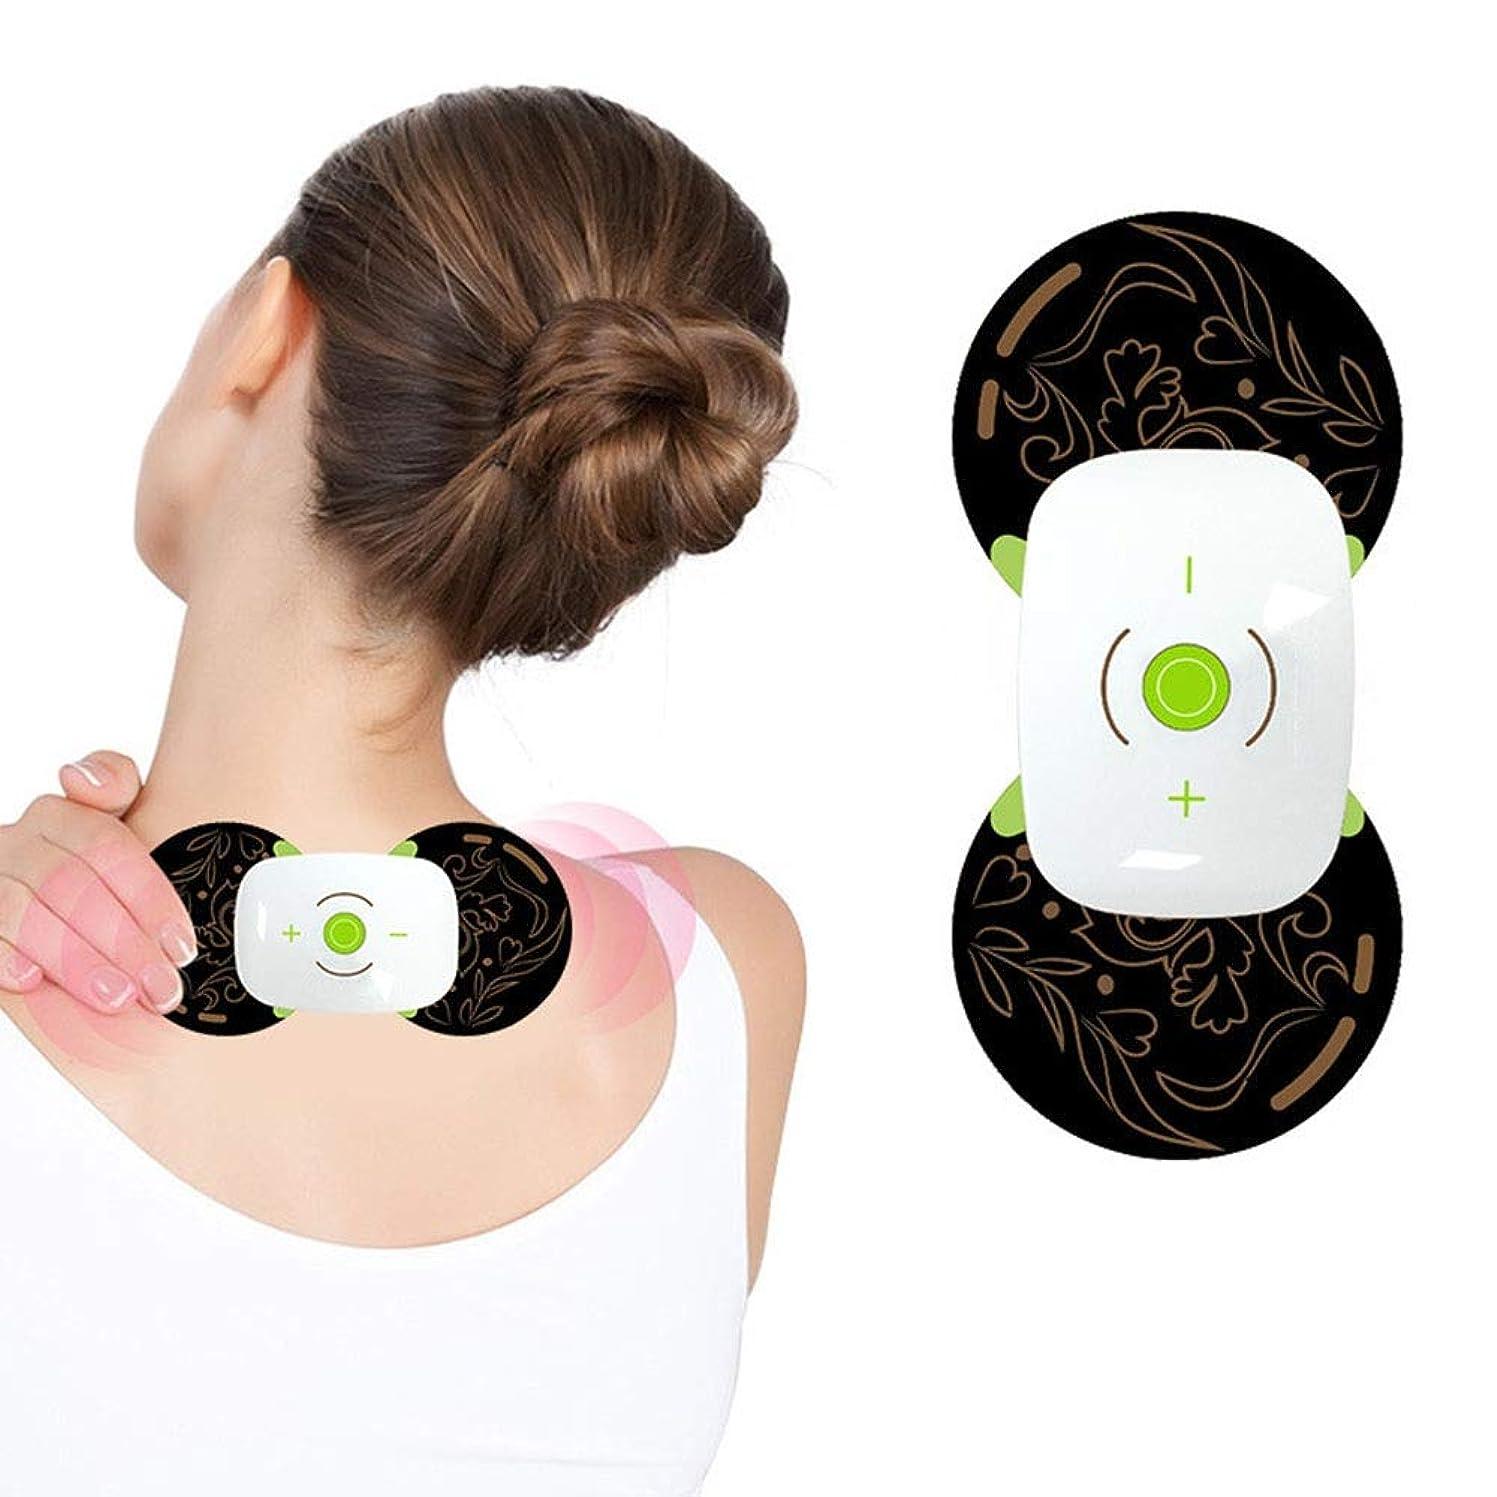 無効波紋効率的マッサージャー首のマッサージ肩のマッサージ背中のマッサージ腰のマッサージ足のマッサージ足のマッサージ (色 : ブラック, サイズ : 12.7x6cm)